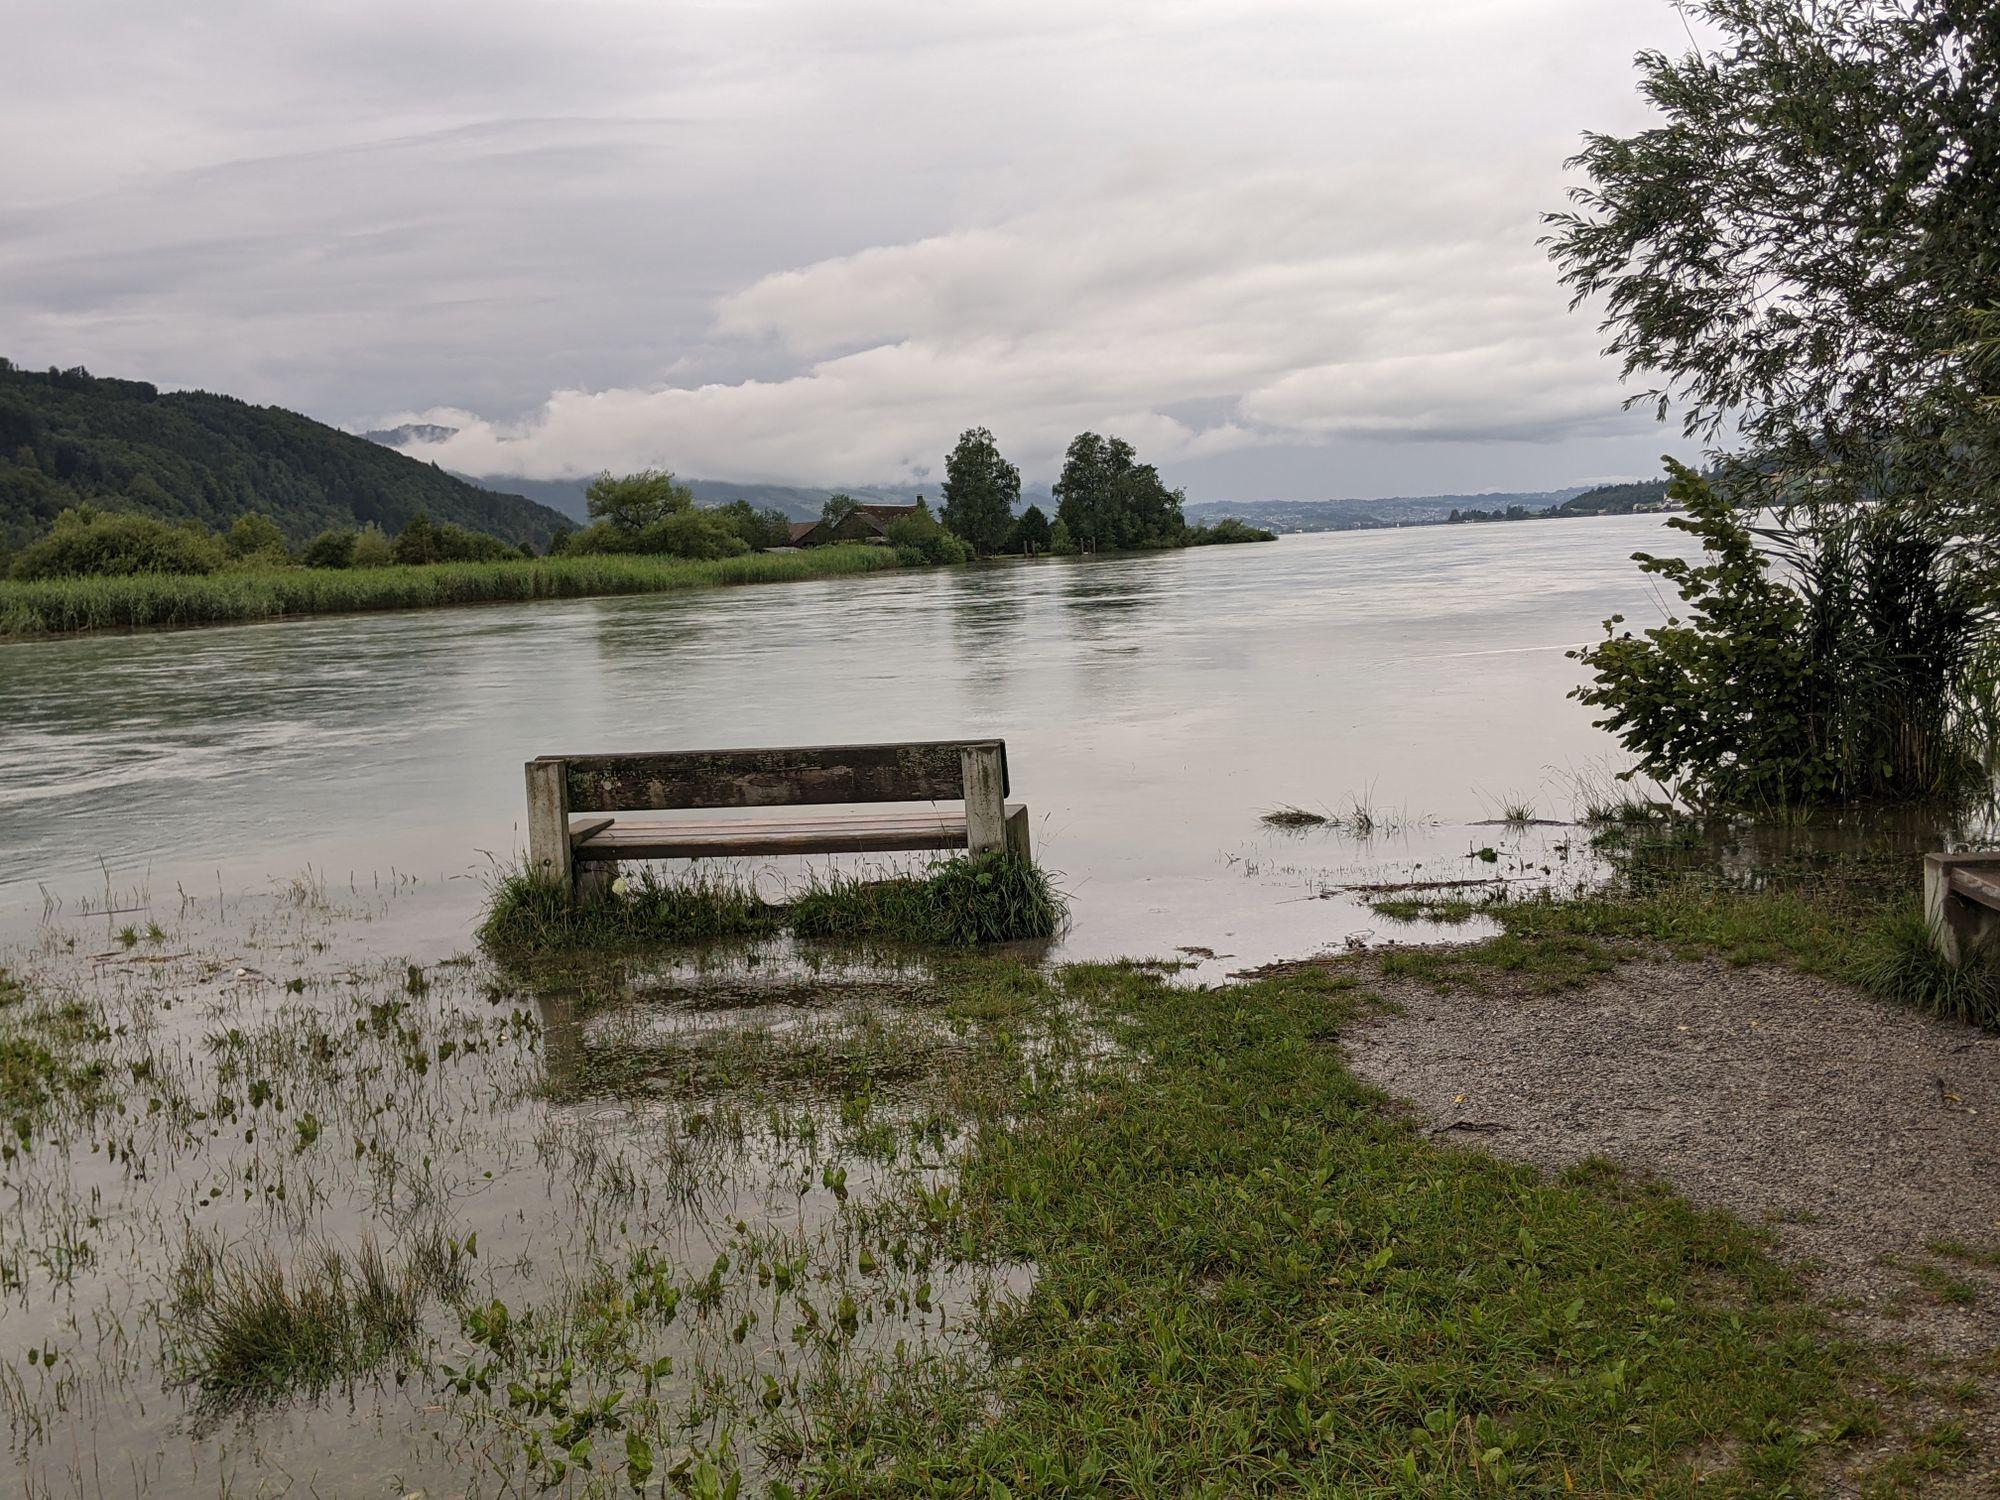 Hochwasser an der Linthmündung in Schmerikon (Foto: Thomas Müller, 8716.ch)